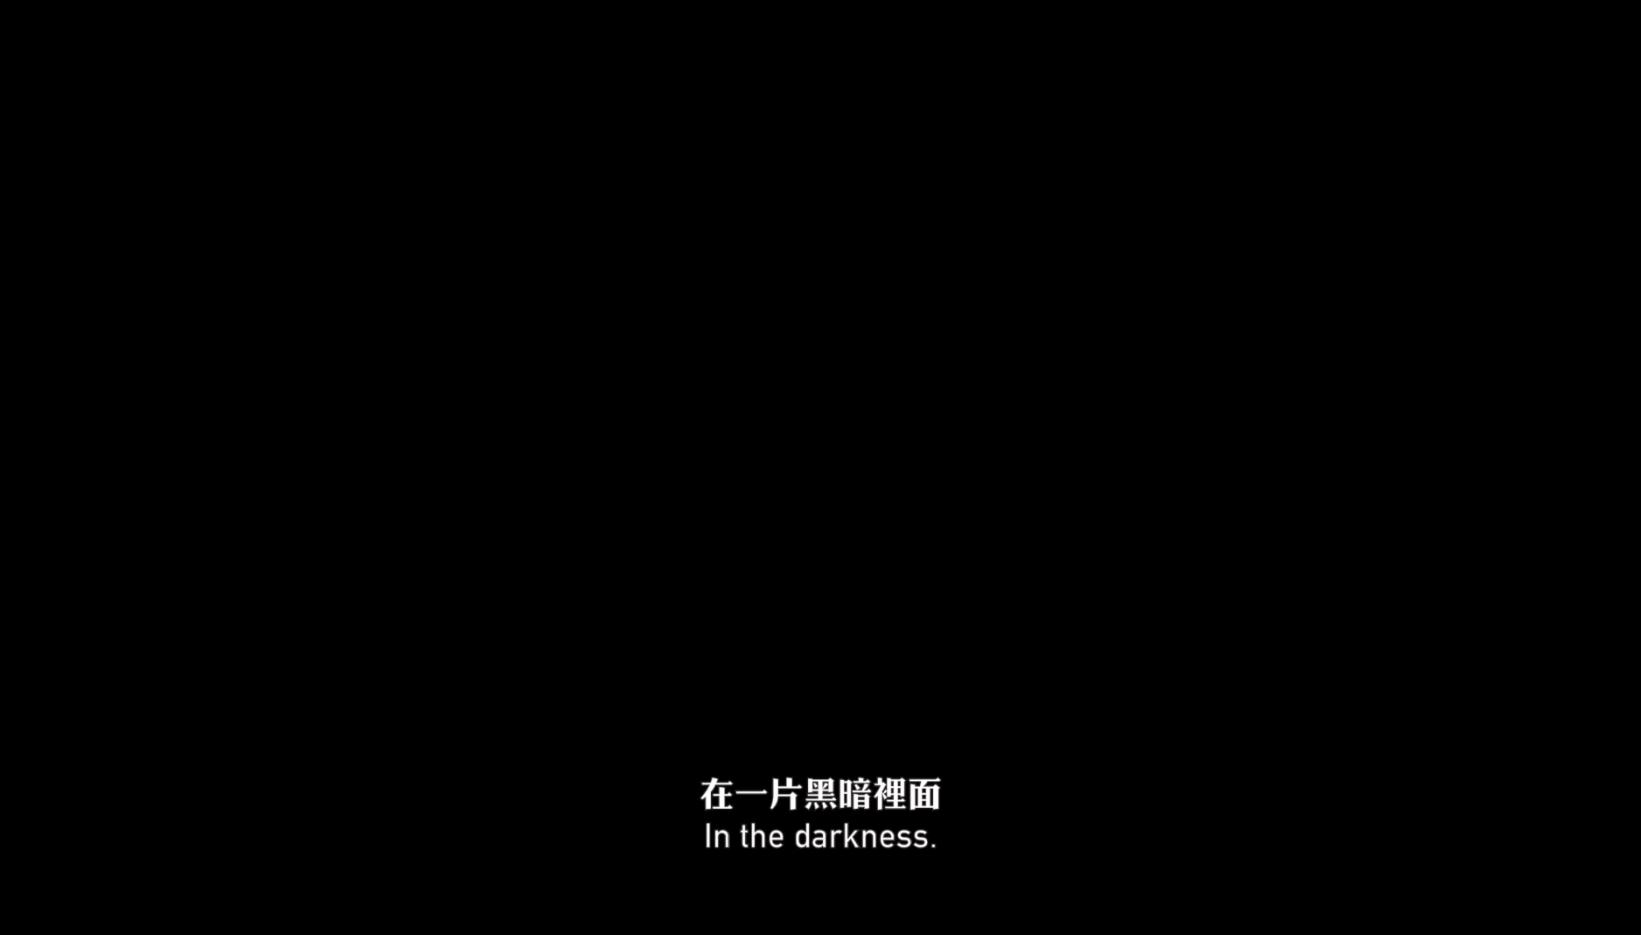 Screen Shot 2018-03-07 at 5.35.48 PM.png